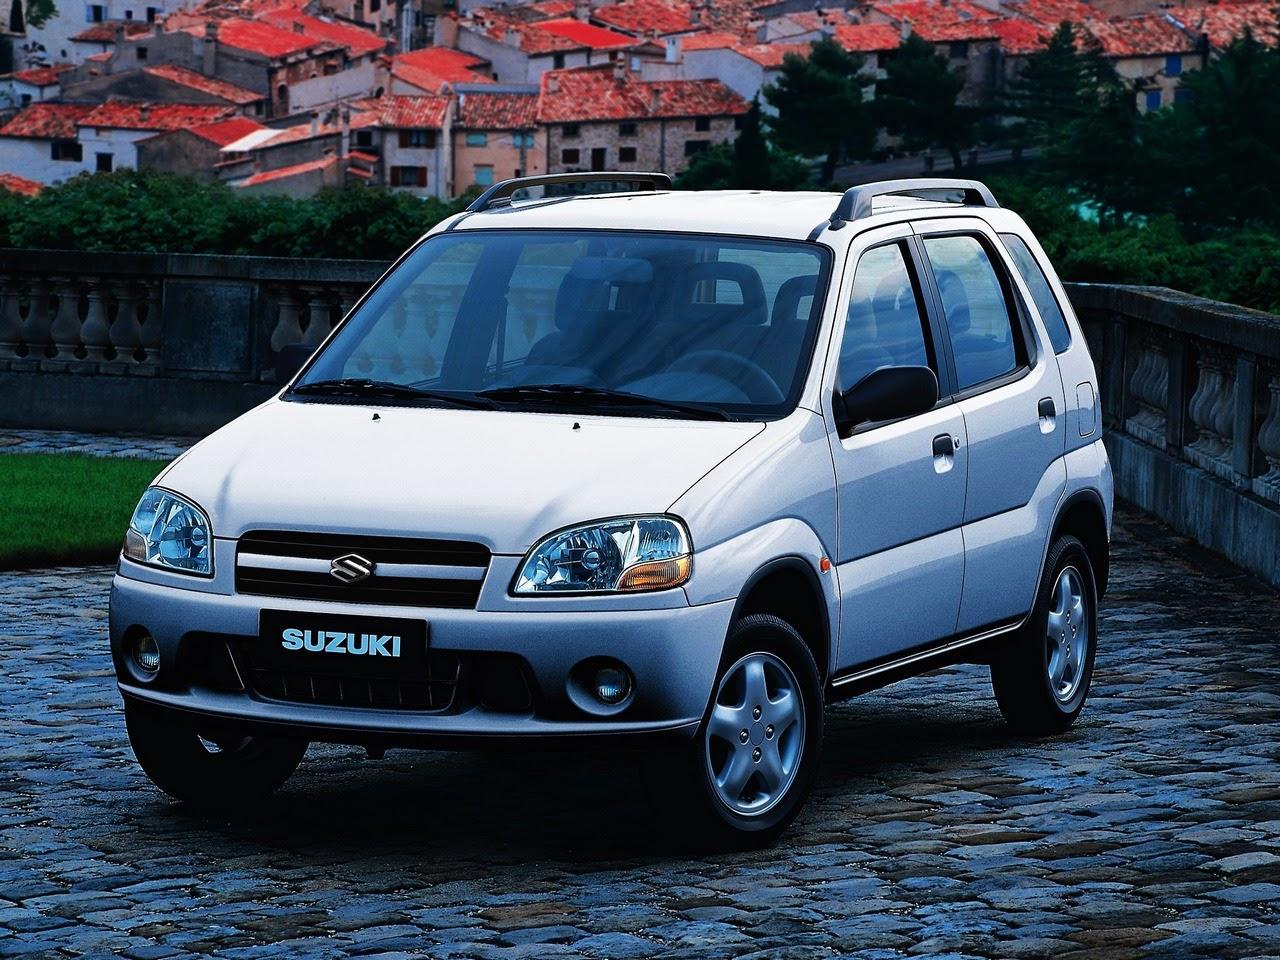 Suzuki Ignis, 5D, HT51S, FH